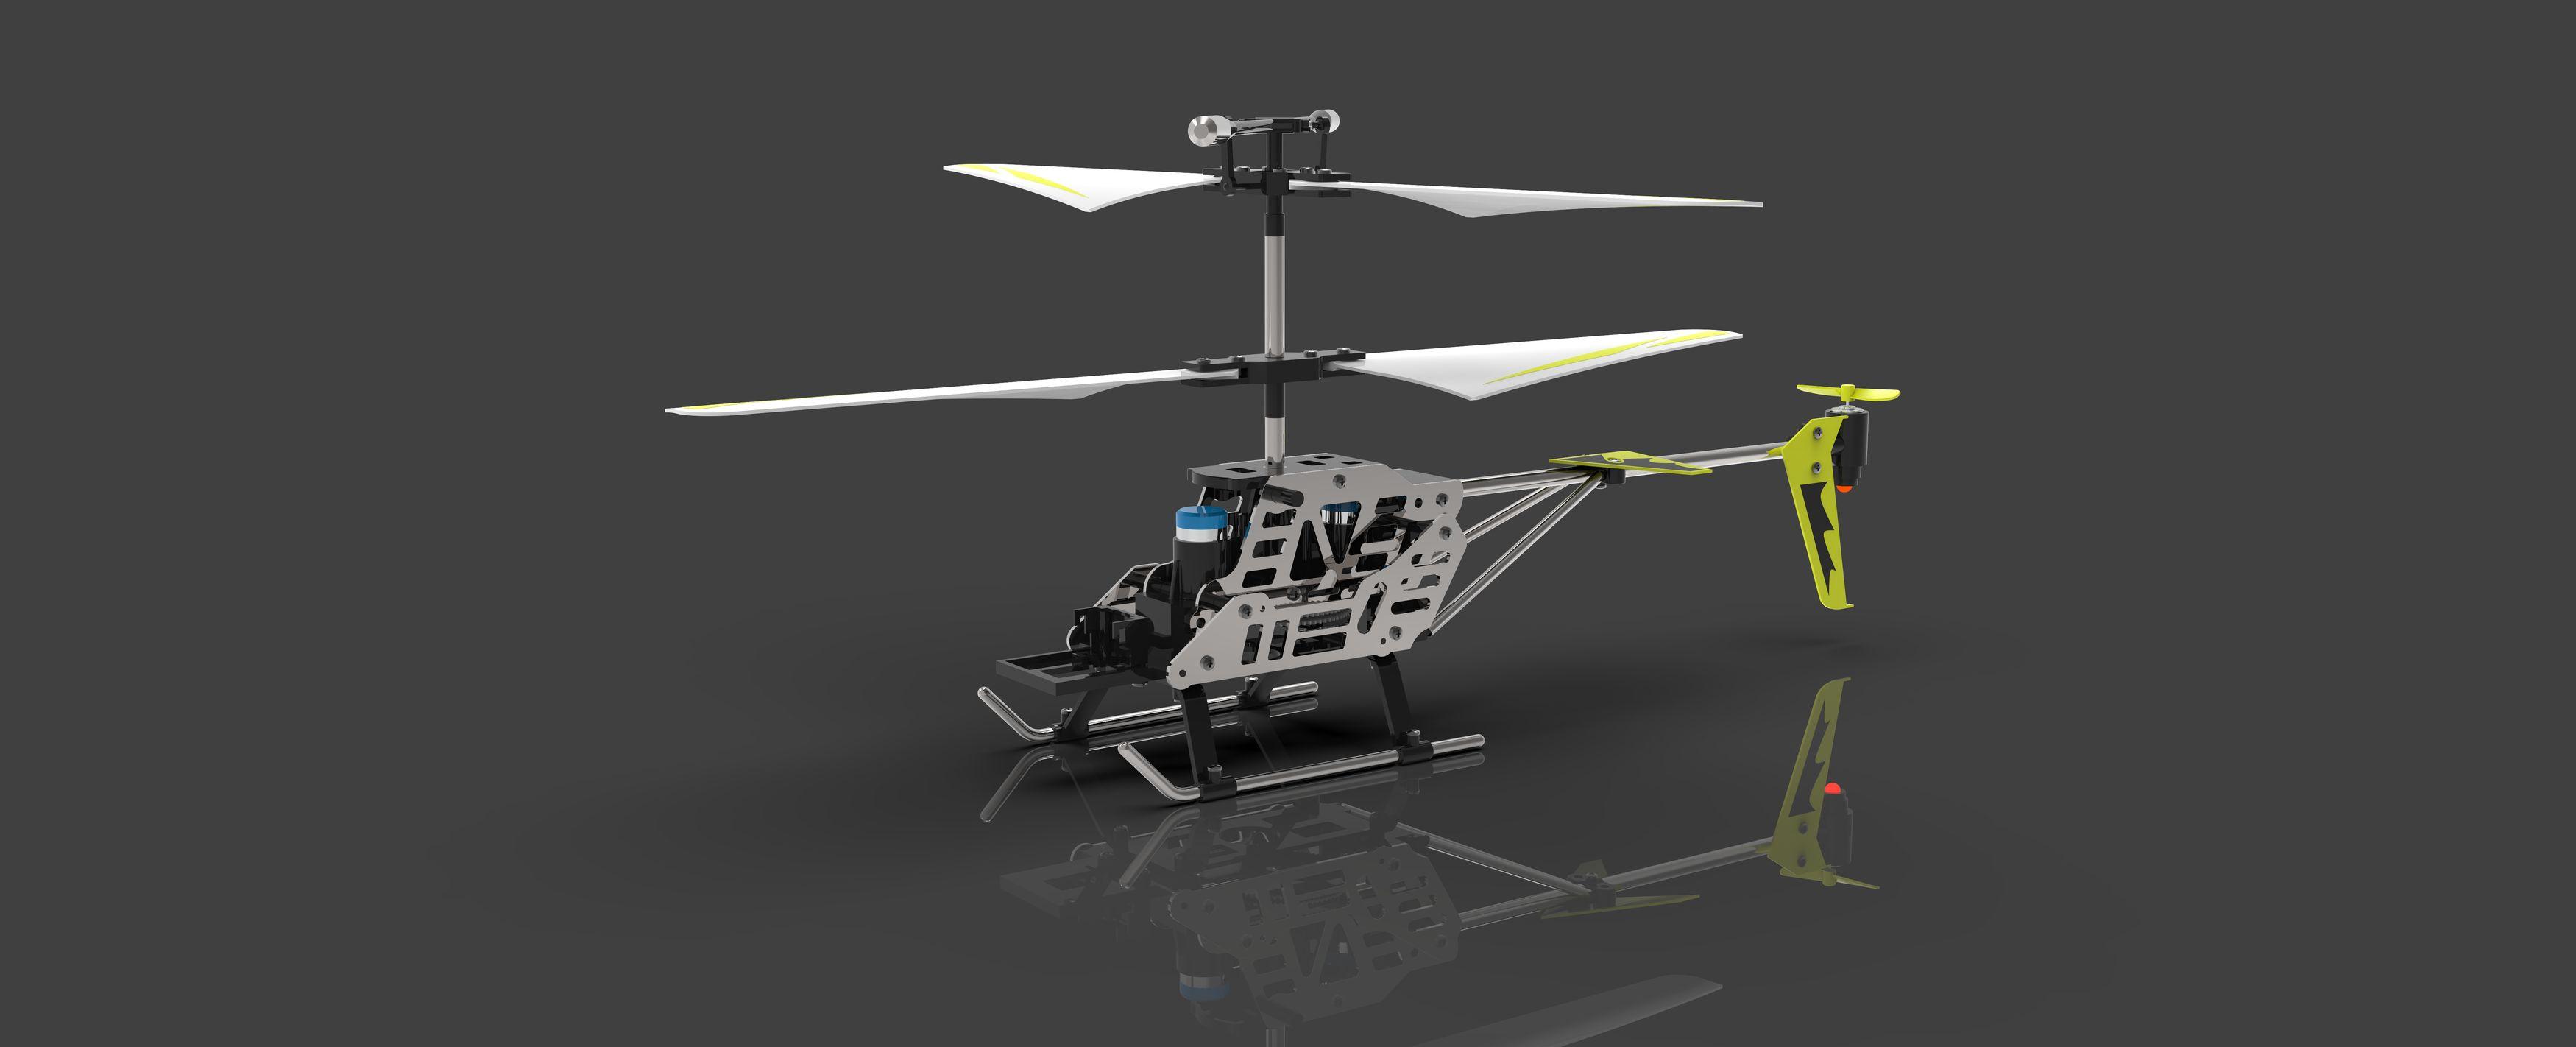 Choper-3500-3500